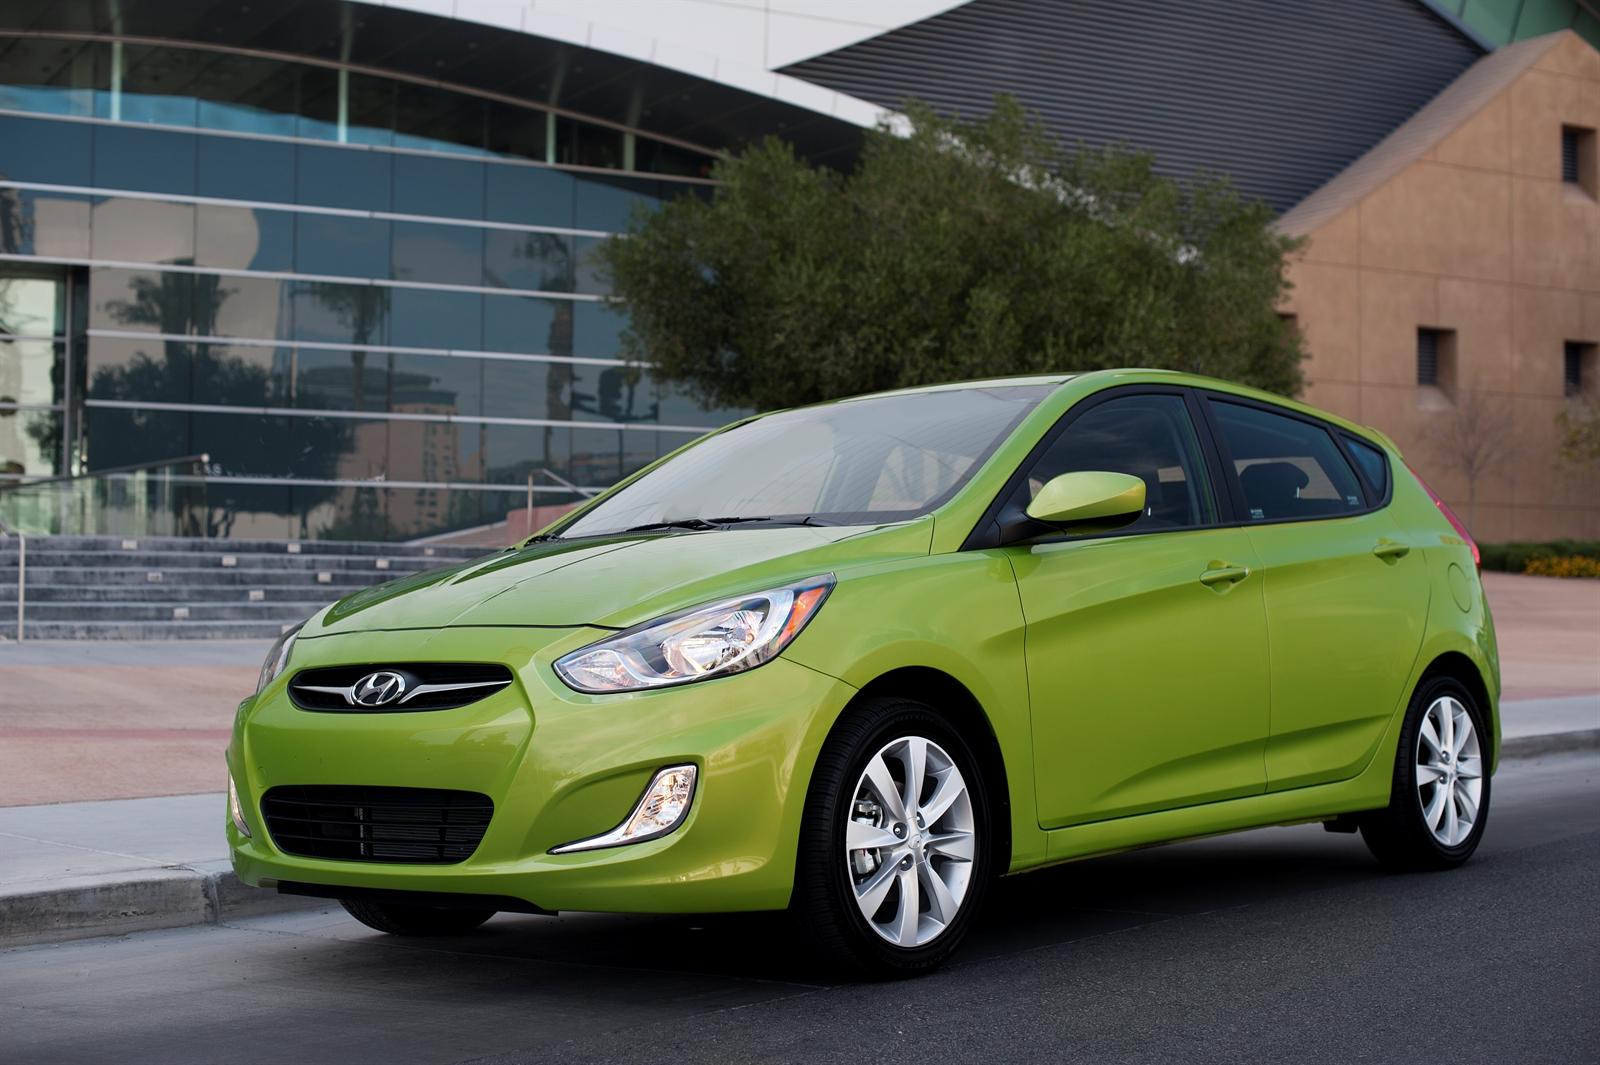 2012 Hyundai Accent: New car reviews | Grassroots Motorsports